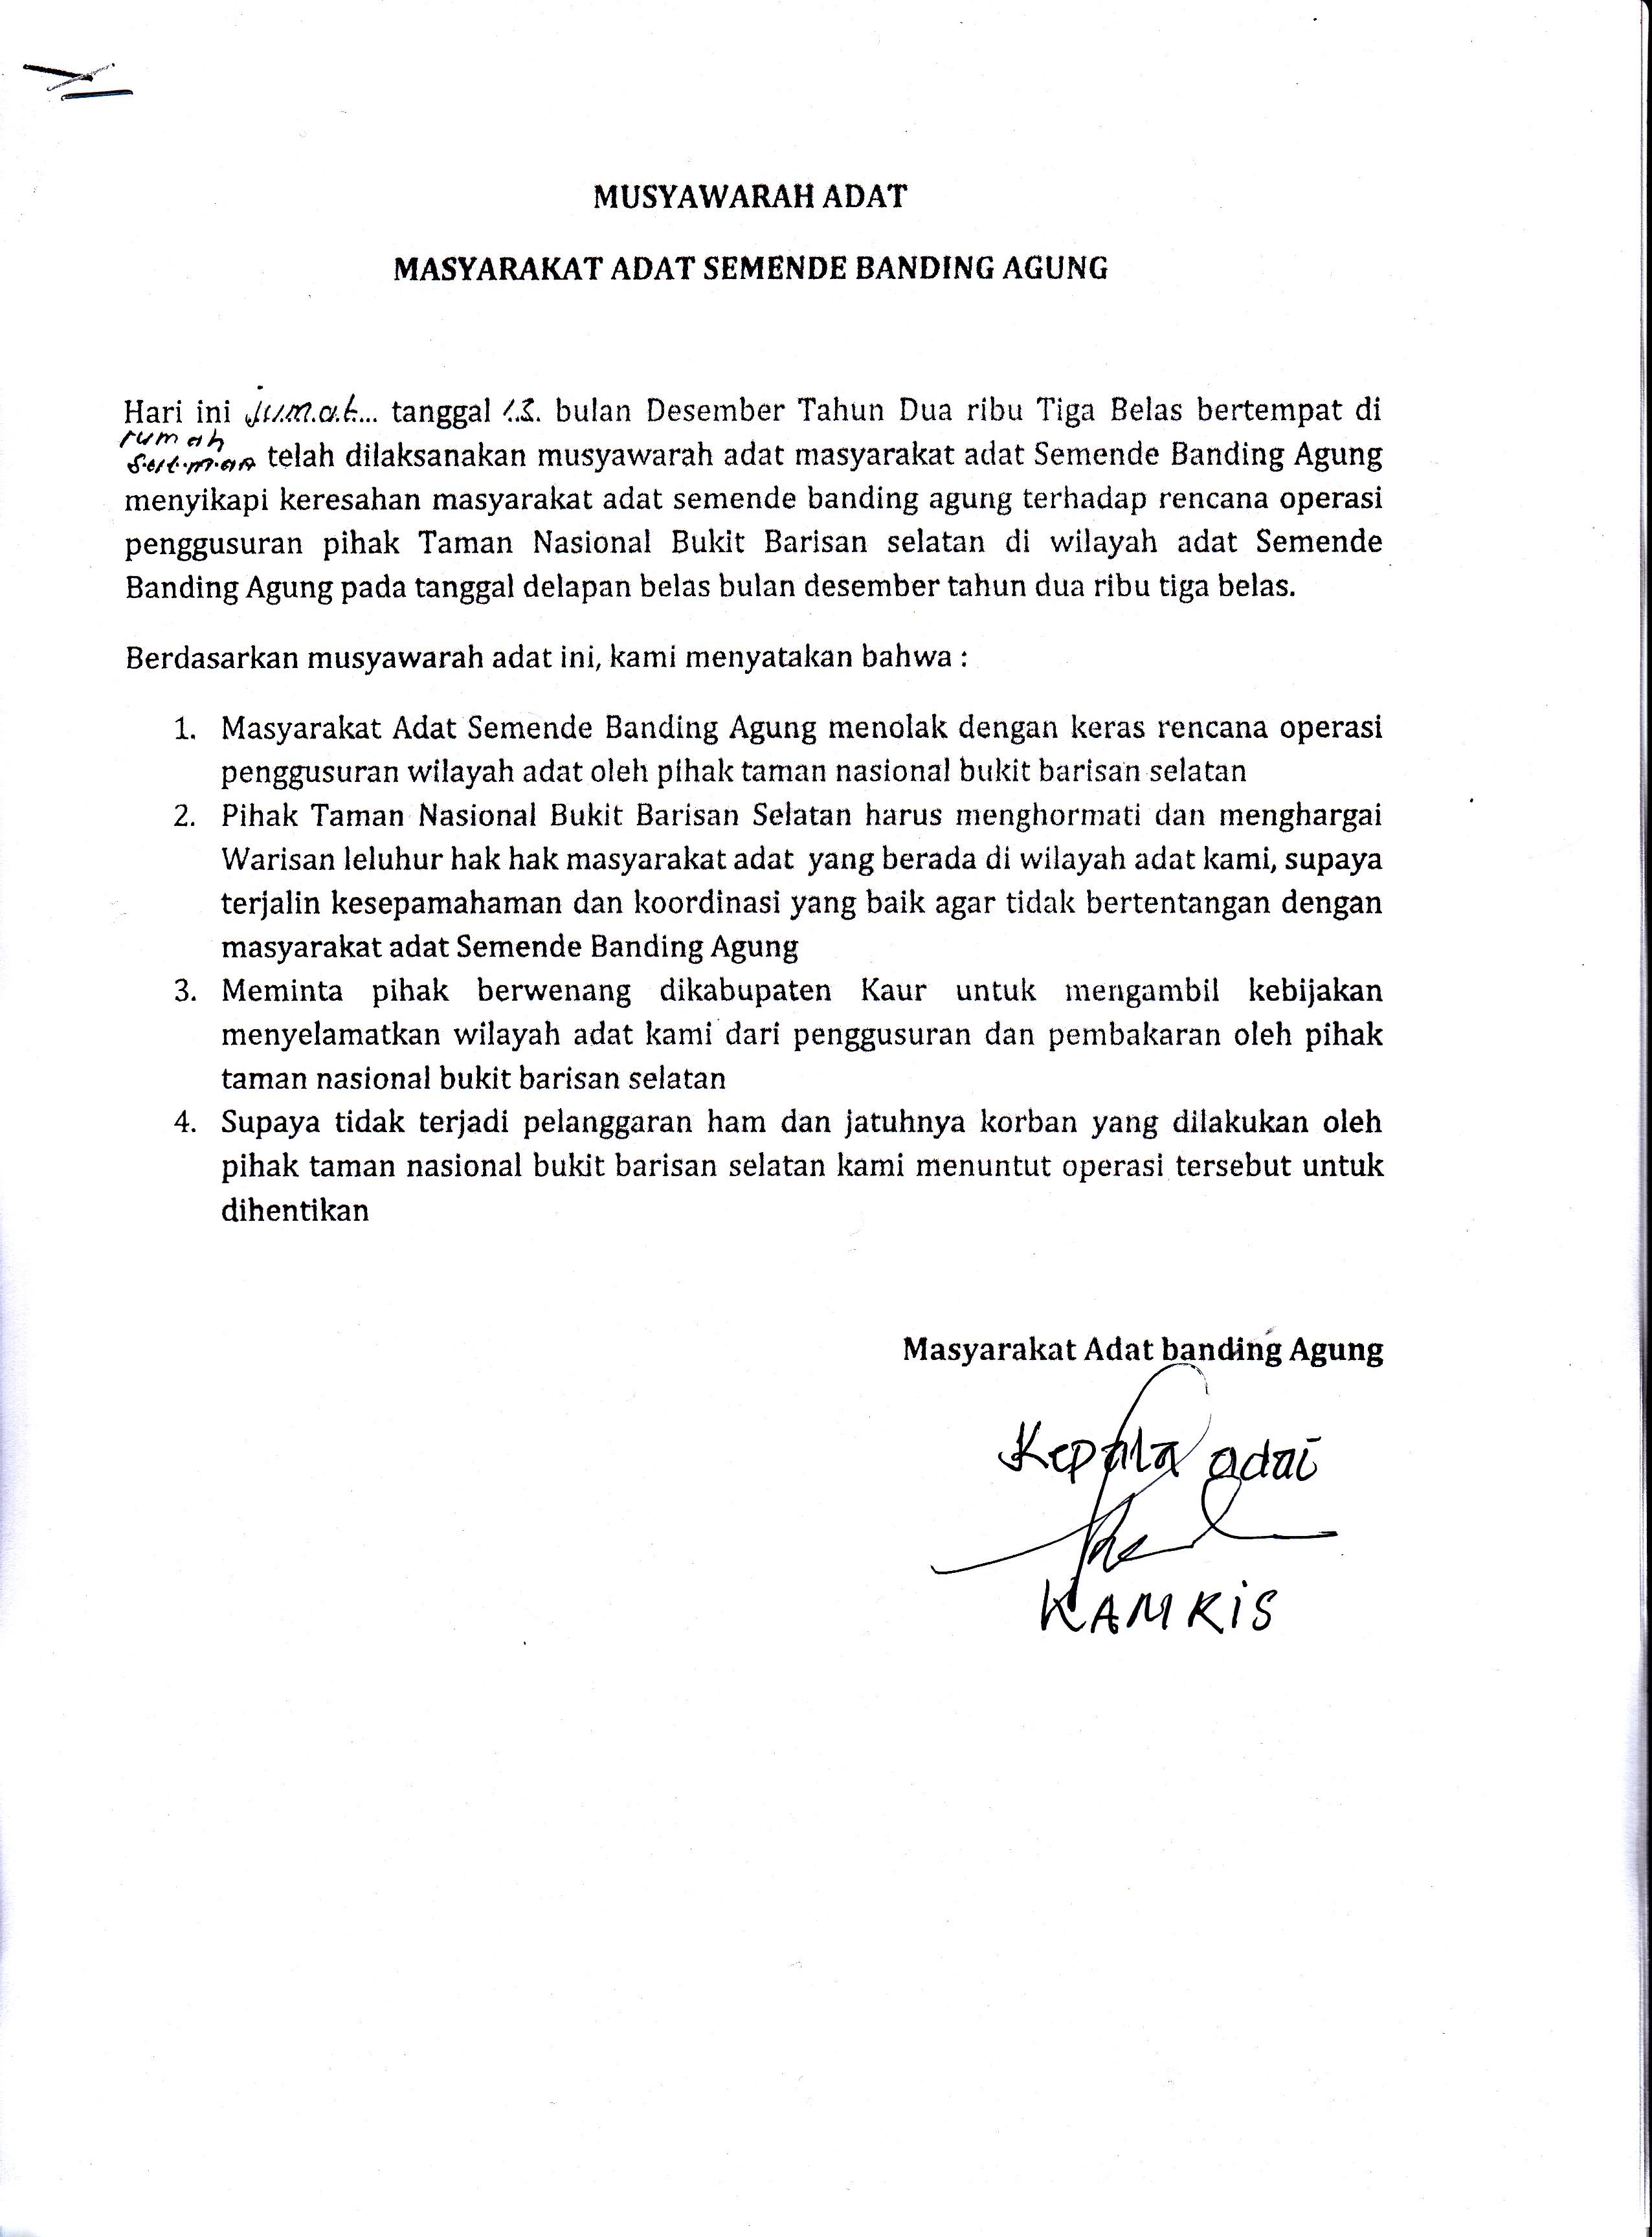 Musyawarah Adat Masyarakat Semende Banding Agung Sikapi Penggusuran oleh TNBBS